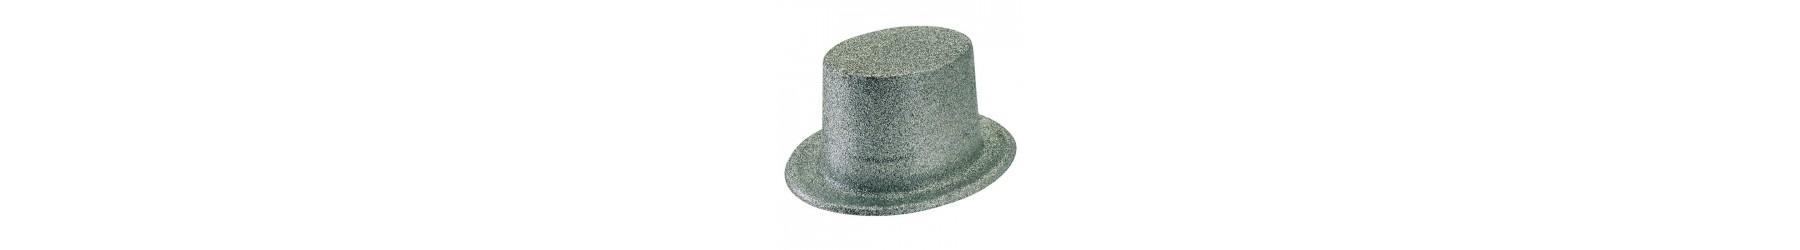 Αποκριάτικα Καπέλα καμπαρέ - Show Time